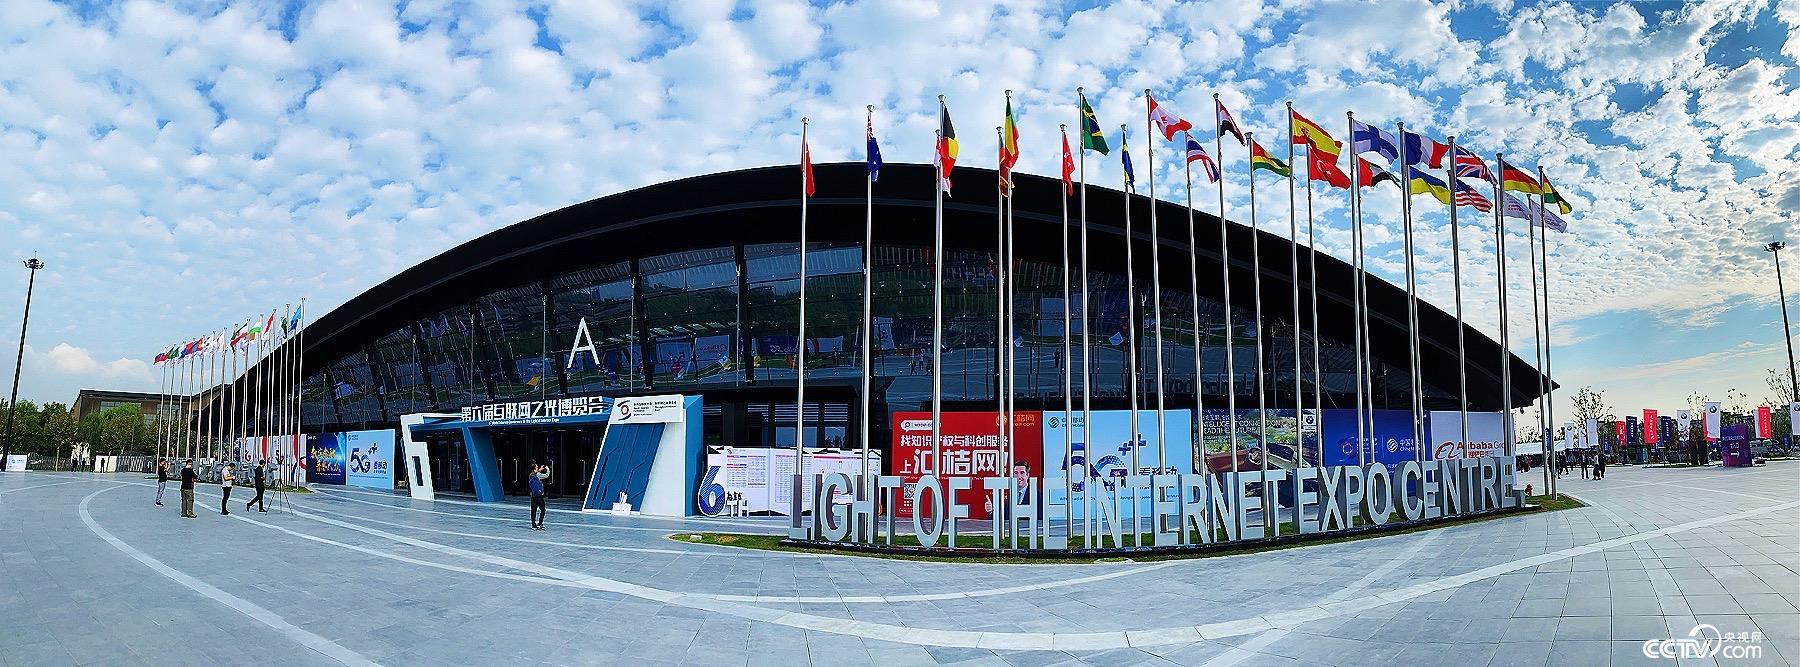 """第六届世界互联网大会""""互联网之光""""博览会在浙江乌镇拉开帷幕。"""